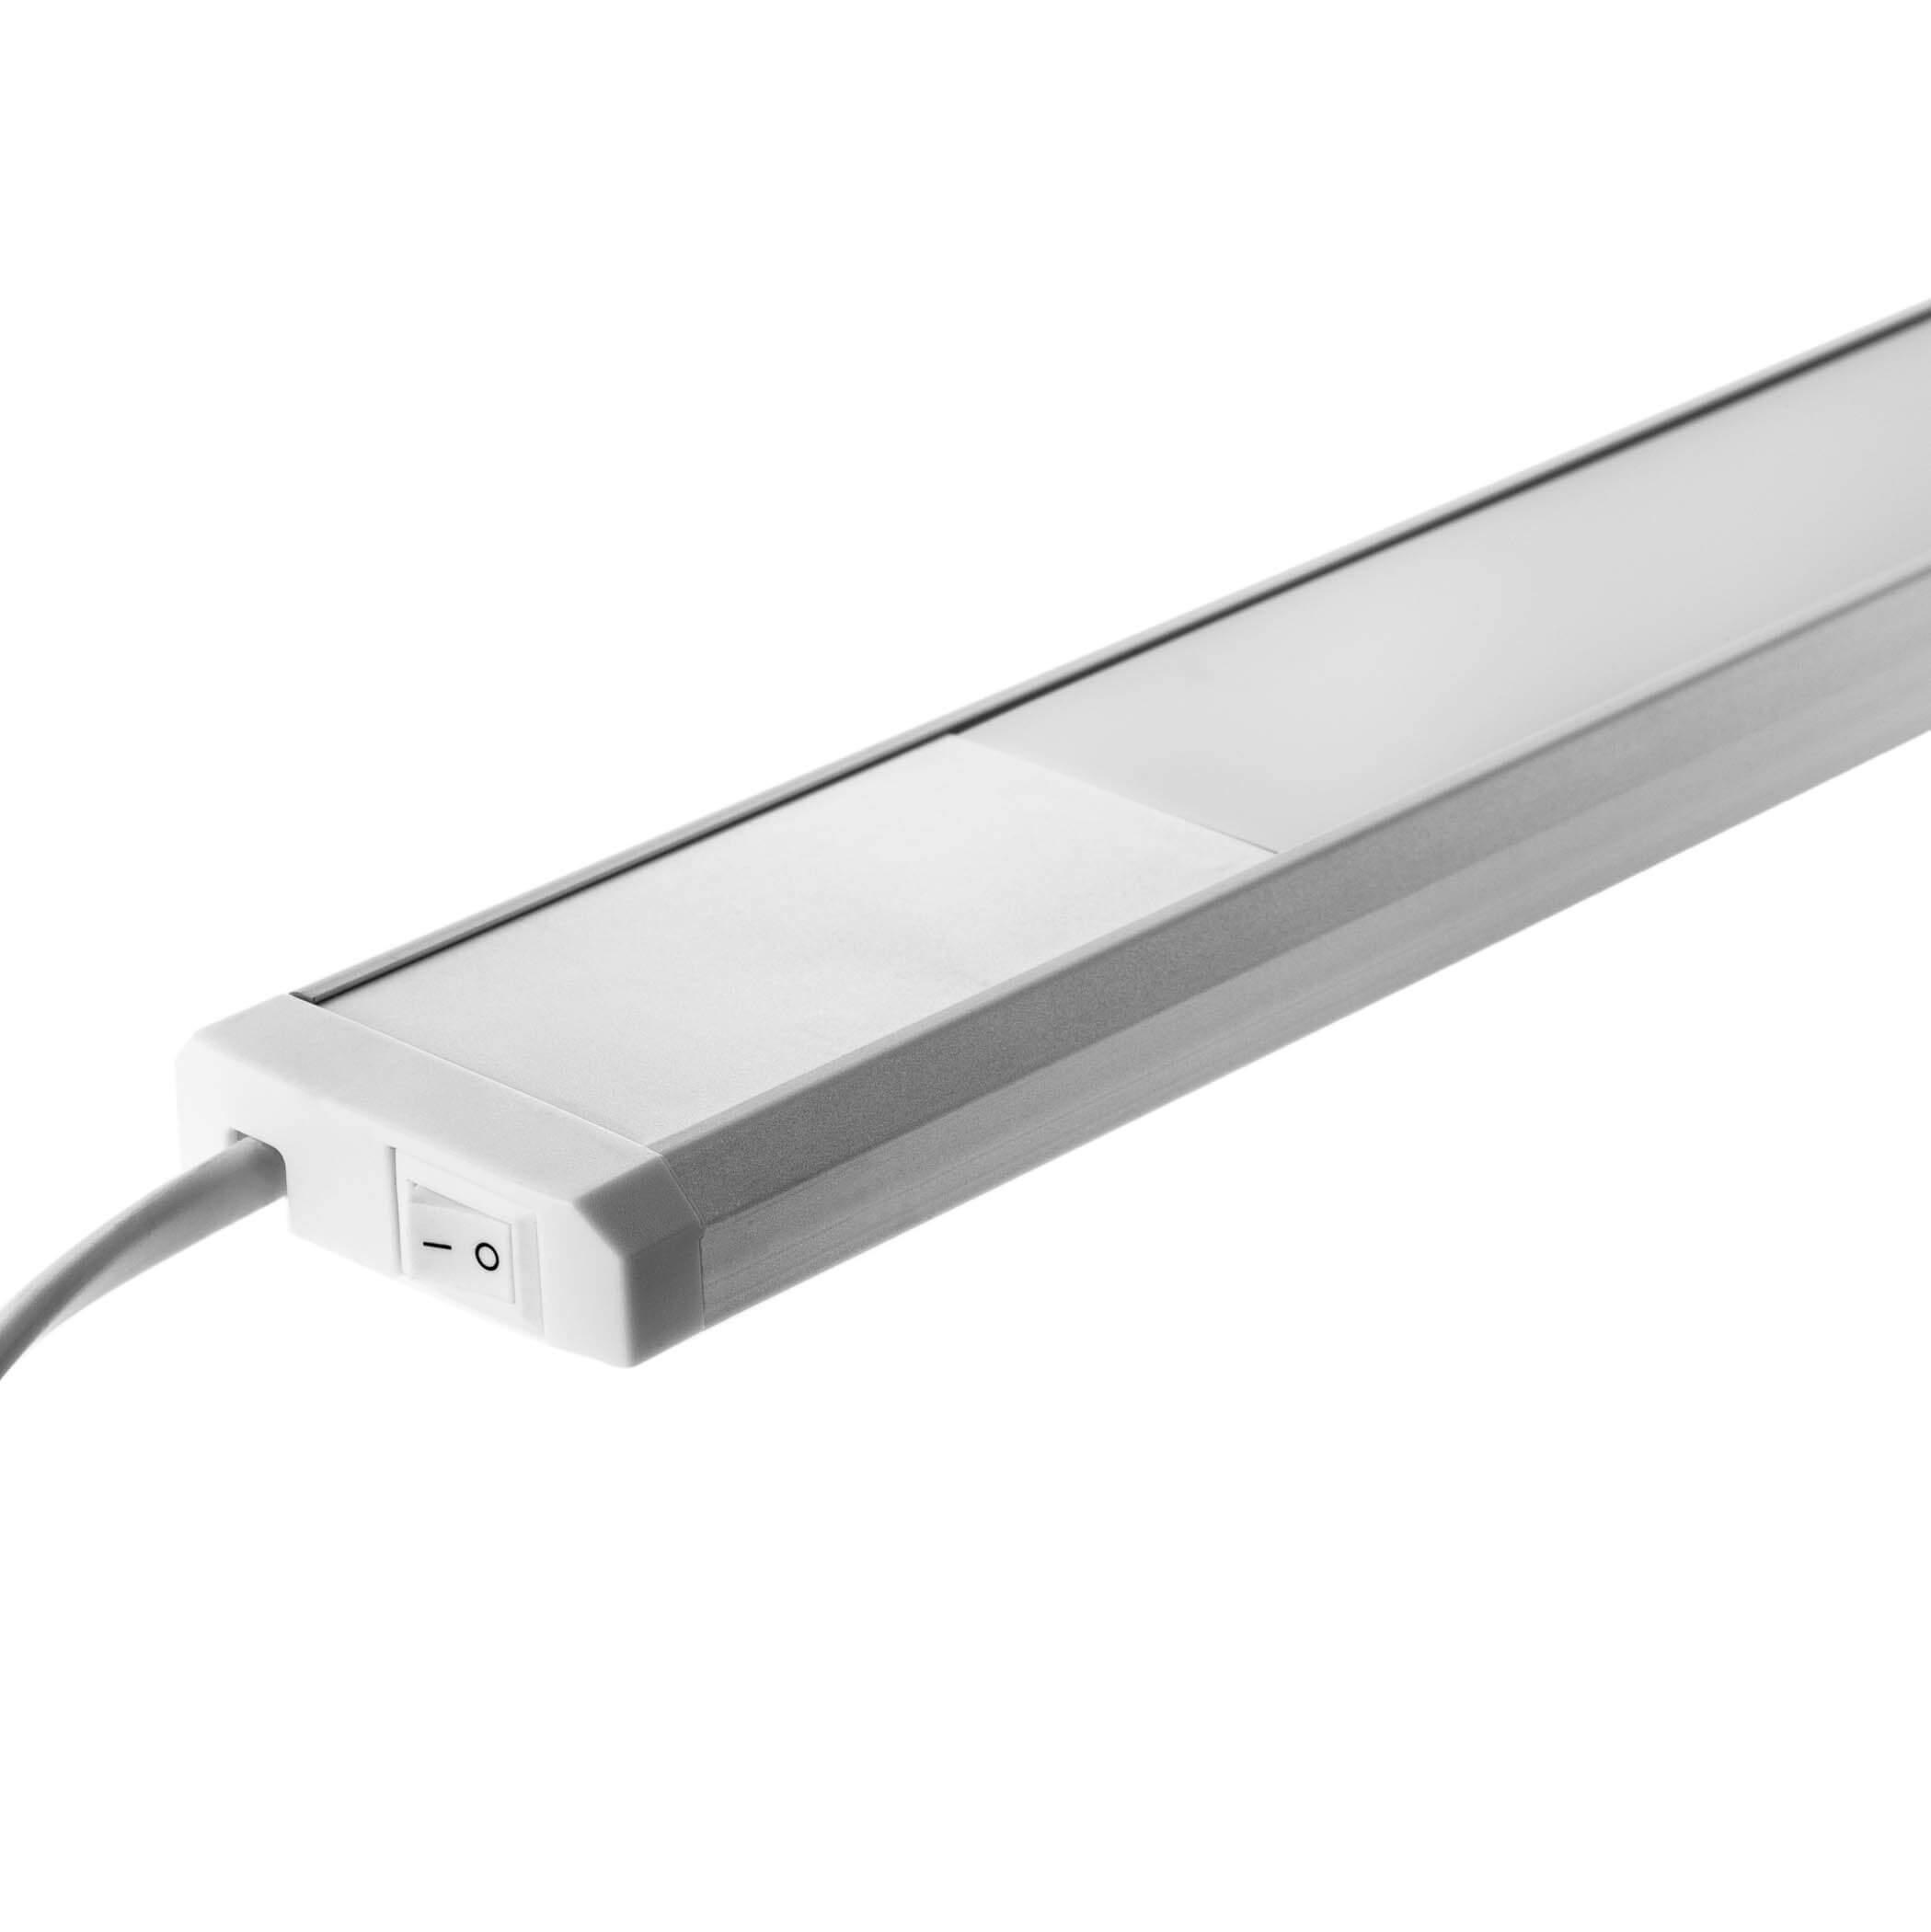 LED Unterbauleuchte 90cm 15W